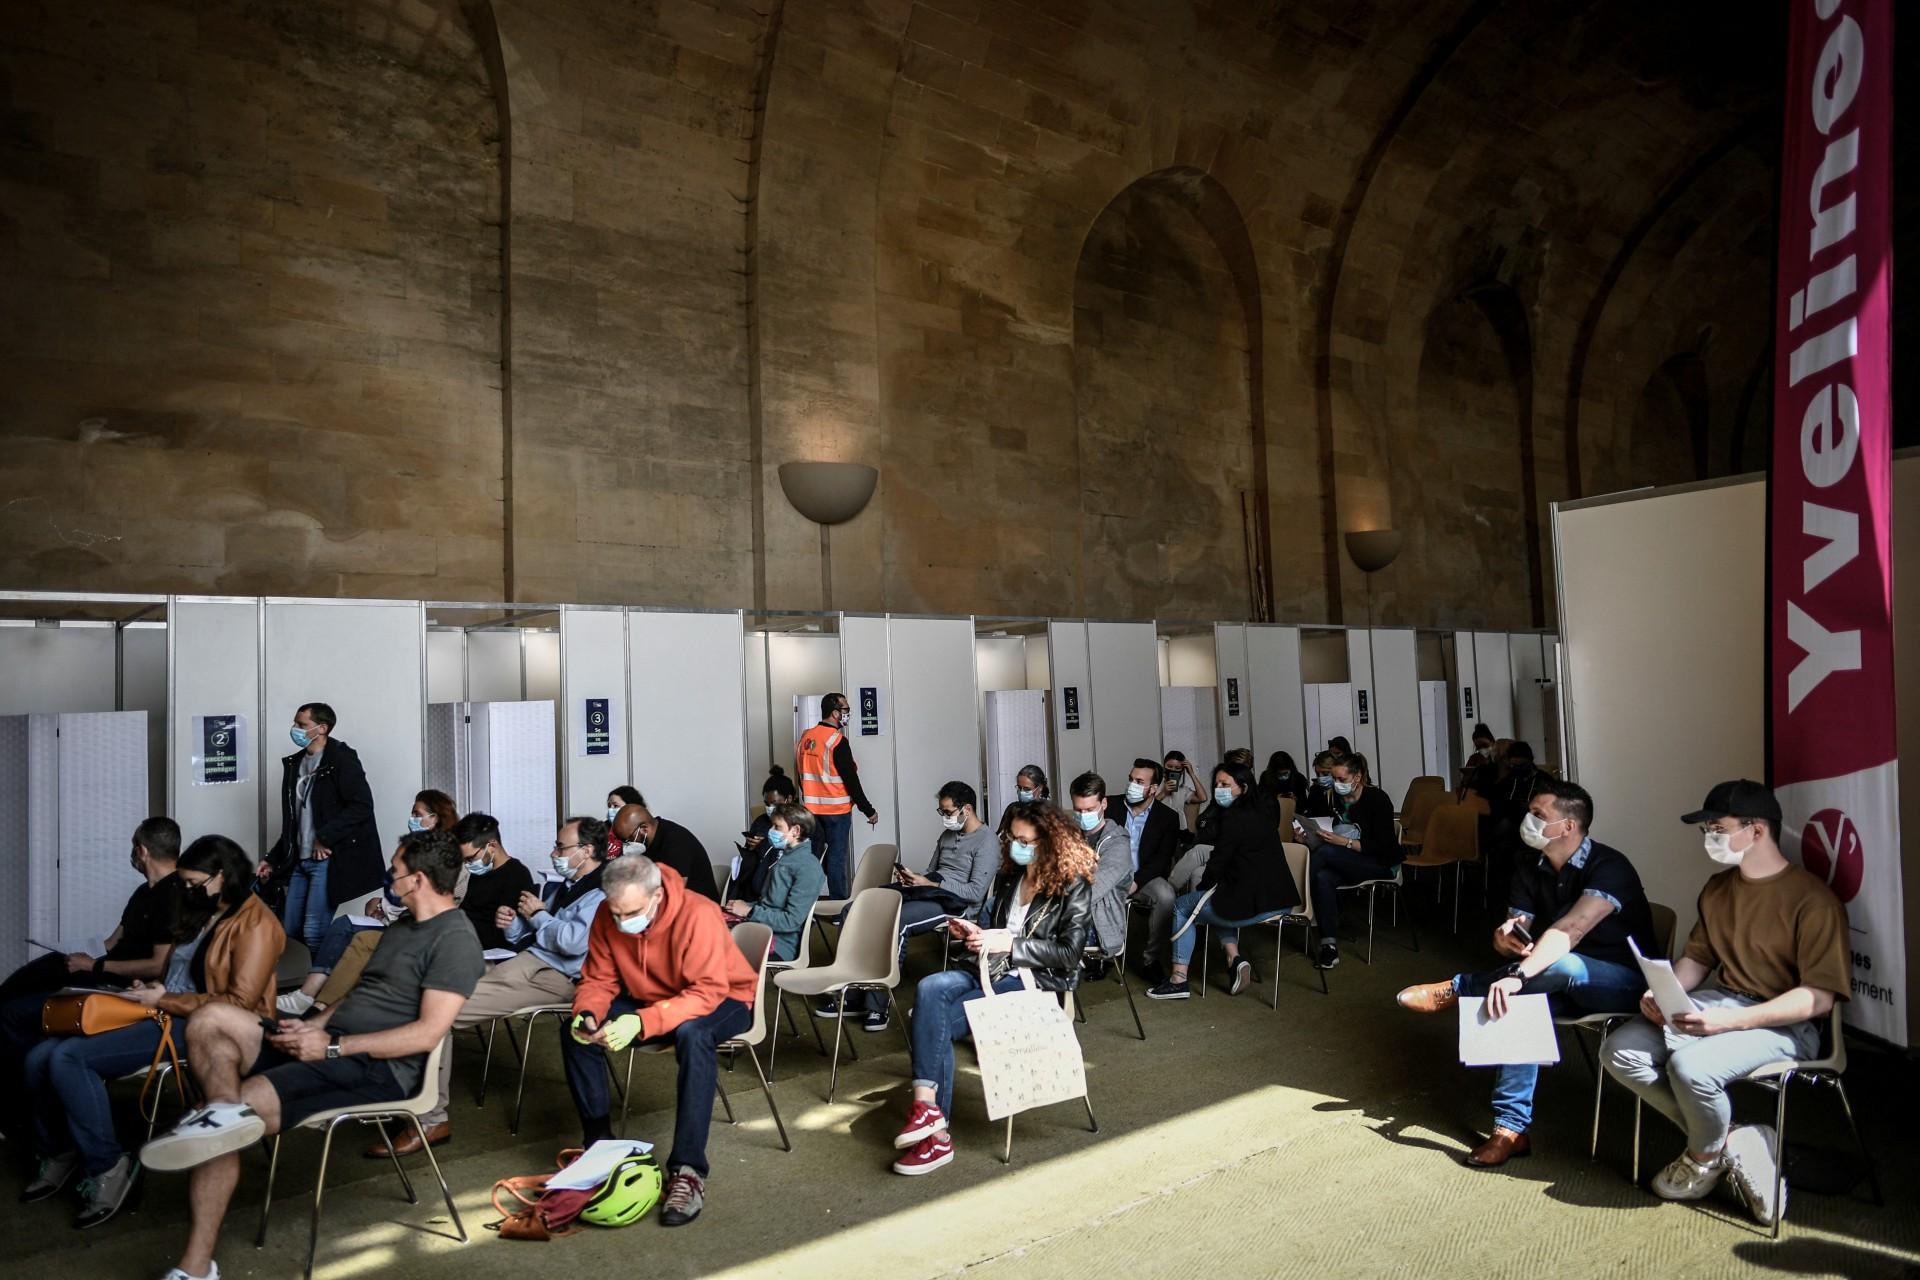 França: As pessoas esperam antes de serem vacinadas contra a Covid-19 no centro de vacinação temporário da Covid-19 na 'Orangerie' do Palácio de Versalhes em Versalhes, em 29 de maio de 2021